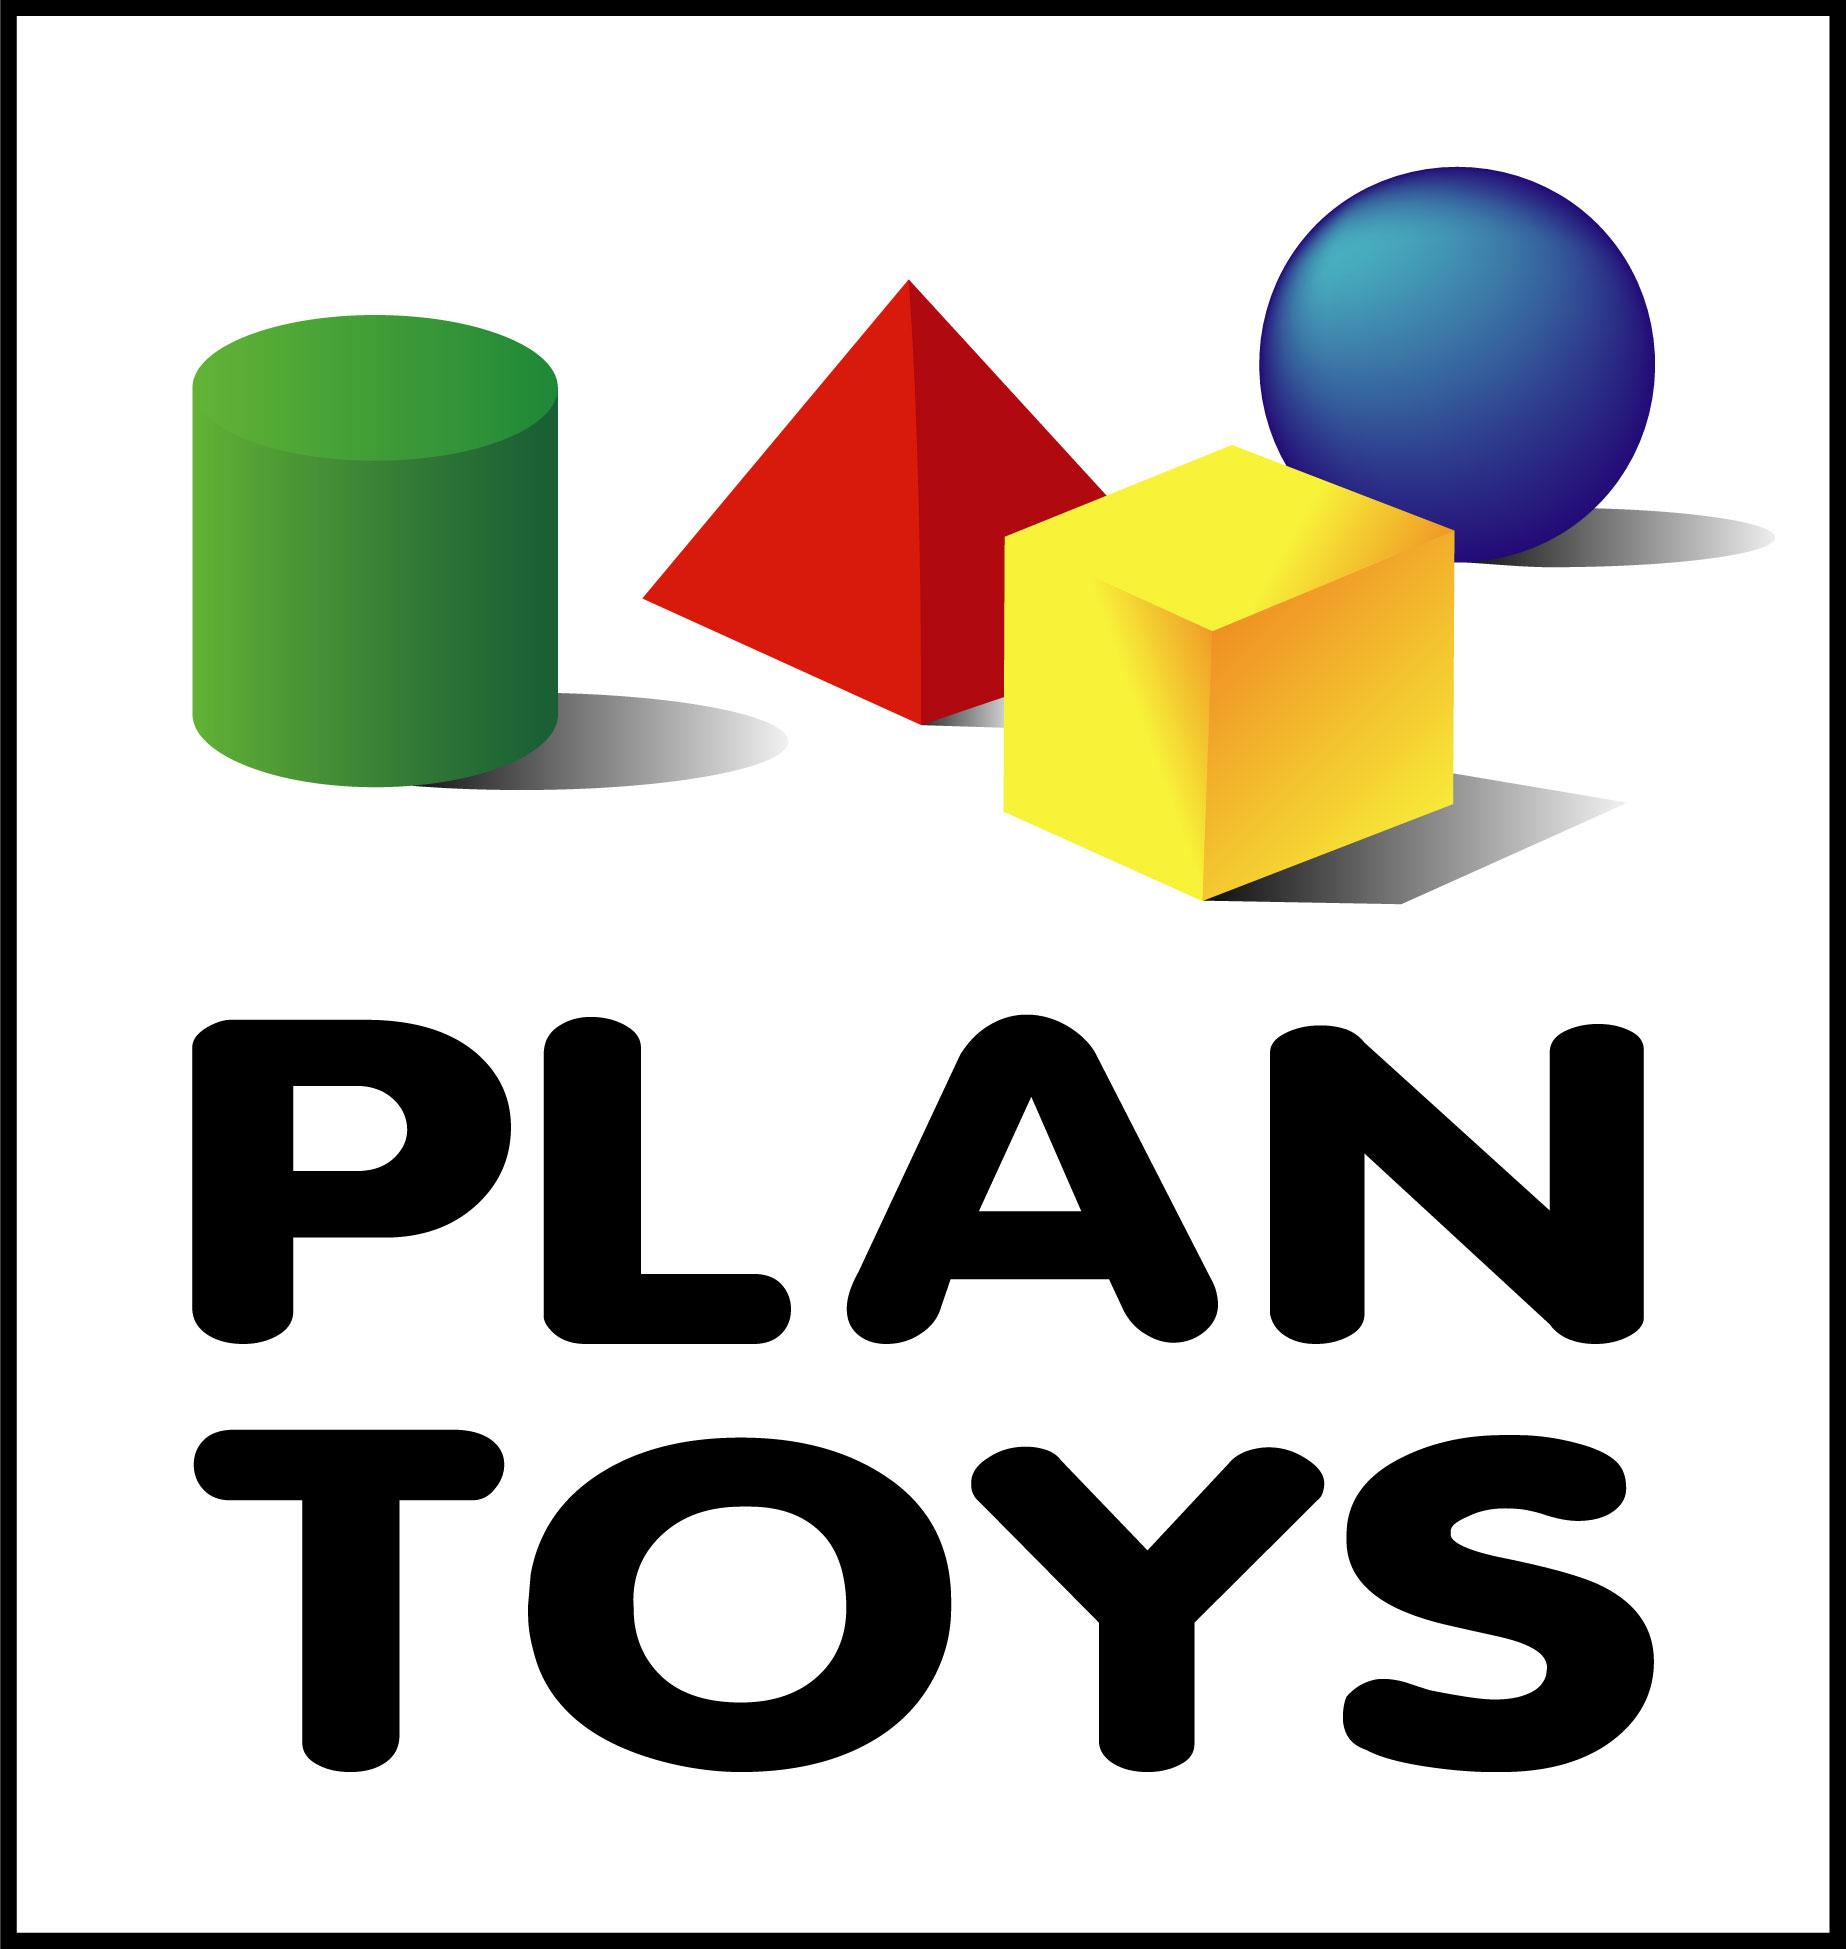 Plan Toys - Drewniaczek.eu importerem